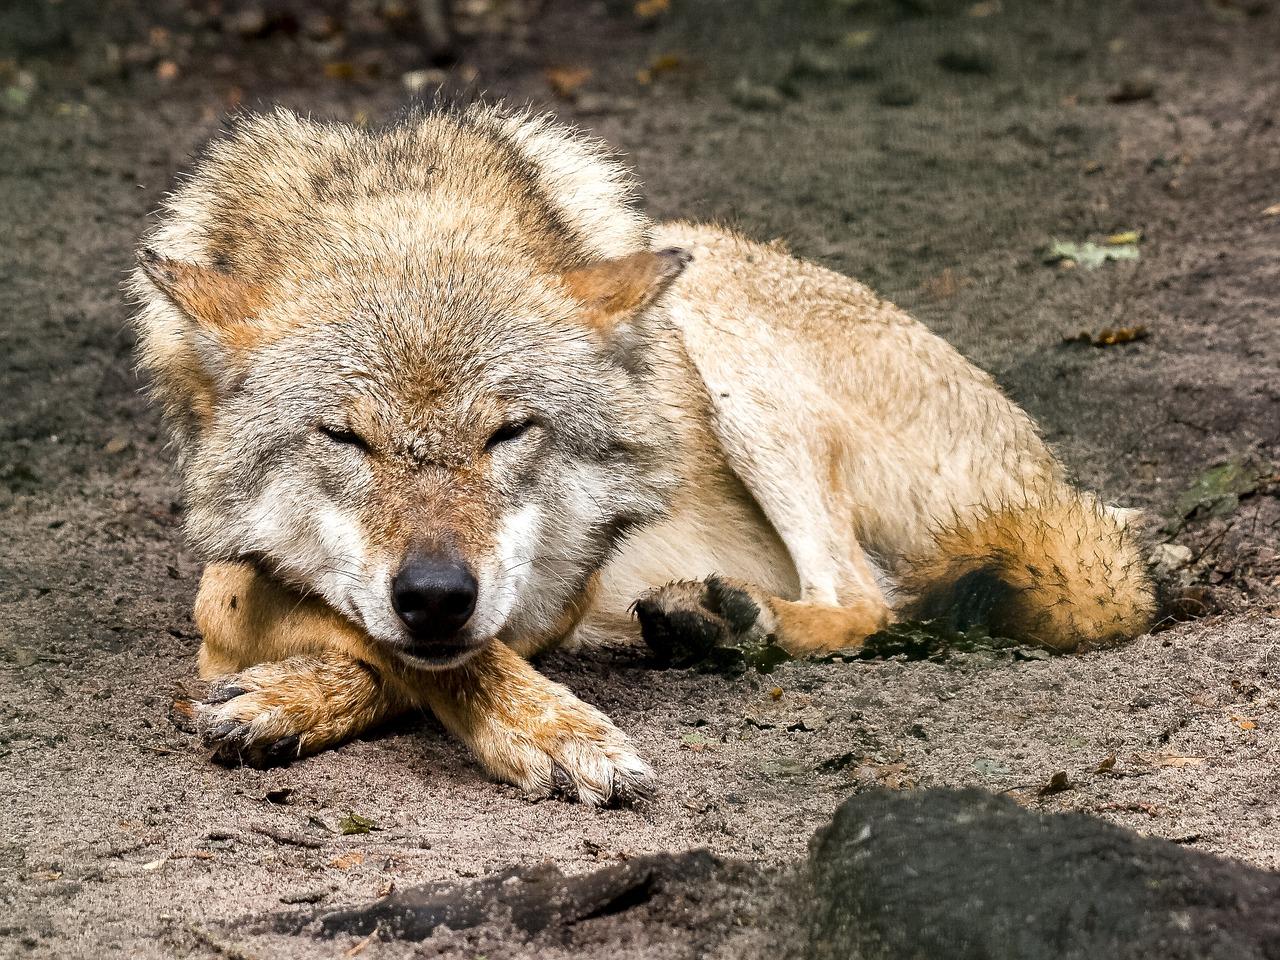 картинки страдающего волка меня